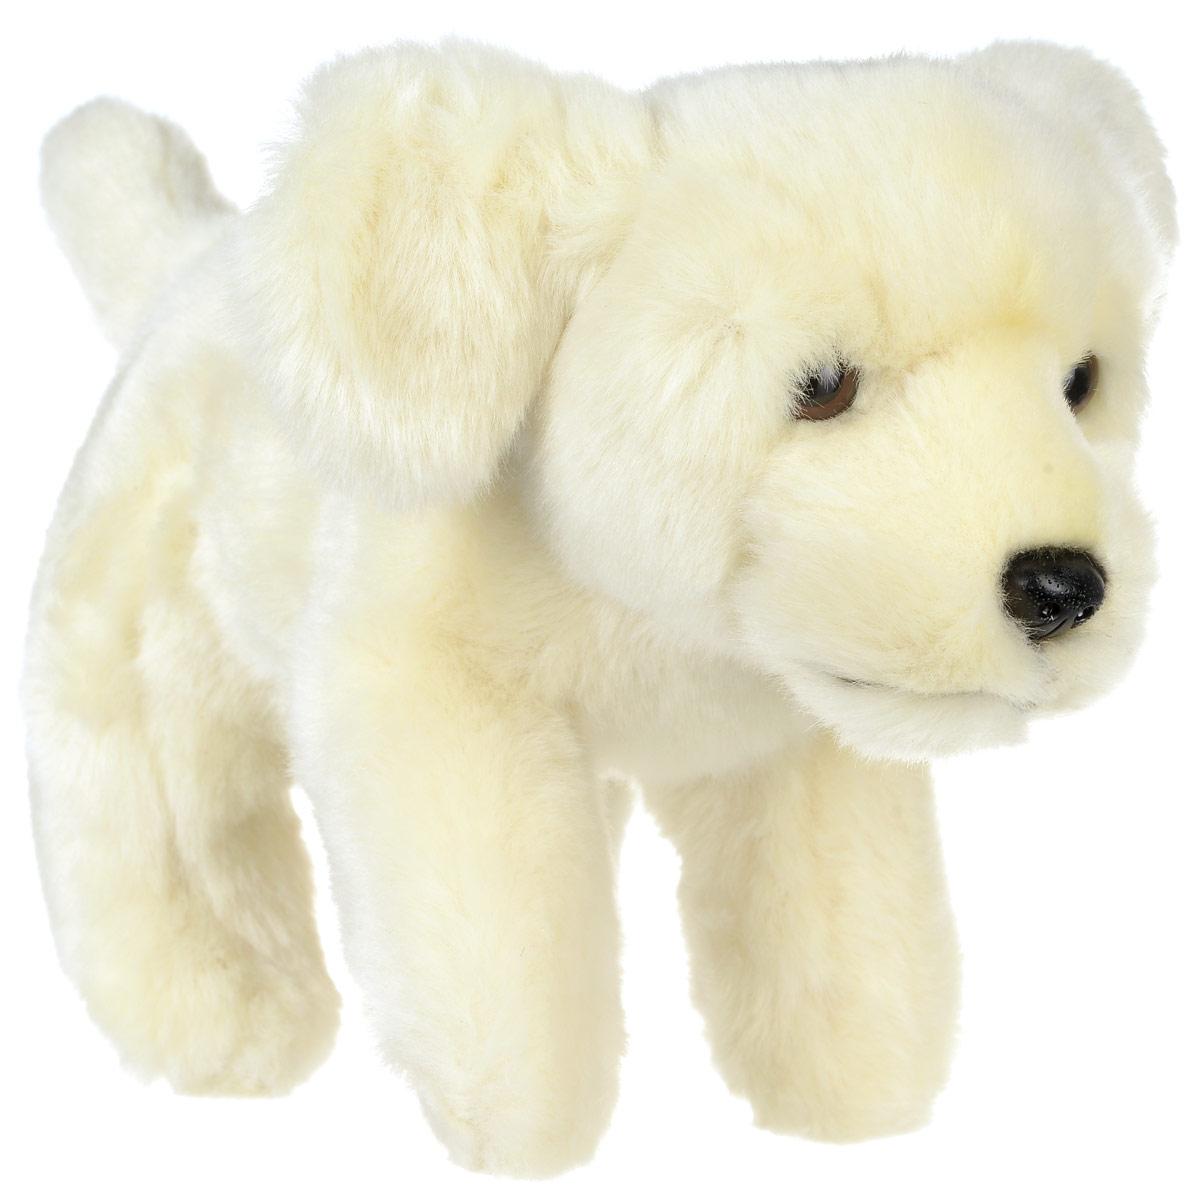 Hansa Toys Мягкая игрушка Лабрадор 22 см3977Лабрадор-ретривер является одной из самых популярных пород собак. Первоначально эта парода была выведена в качестве рабочей собаки, поэтому многие лабрадоры все еще используются в качестве подружейных собак, собак-поводырей, собак-спасателей. Порода берет свое начало на острове Ньюфаундленд на восточном побережье Канады. Эти собаки отличаются отсутствием агрессии к людям и другим животным. Мягкая игрушка Hansa Toys Лабрадор обязательно понравится вам и вашему малышу, а также познакомит вас с этим животным.